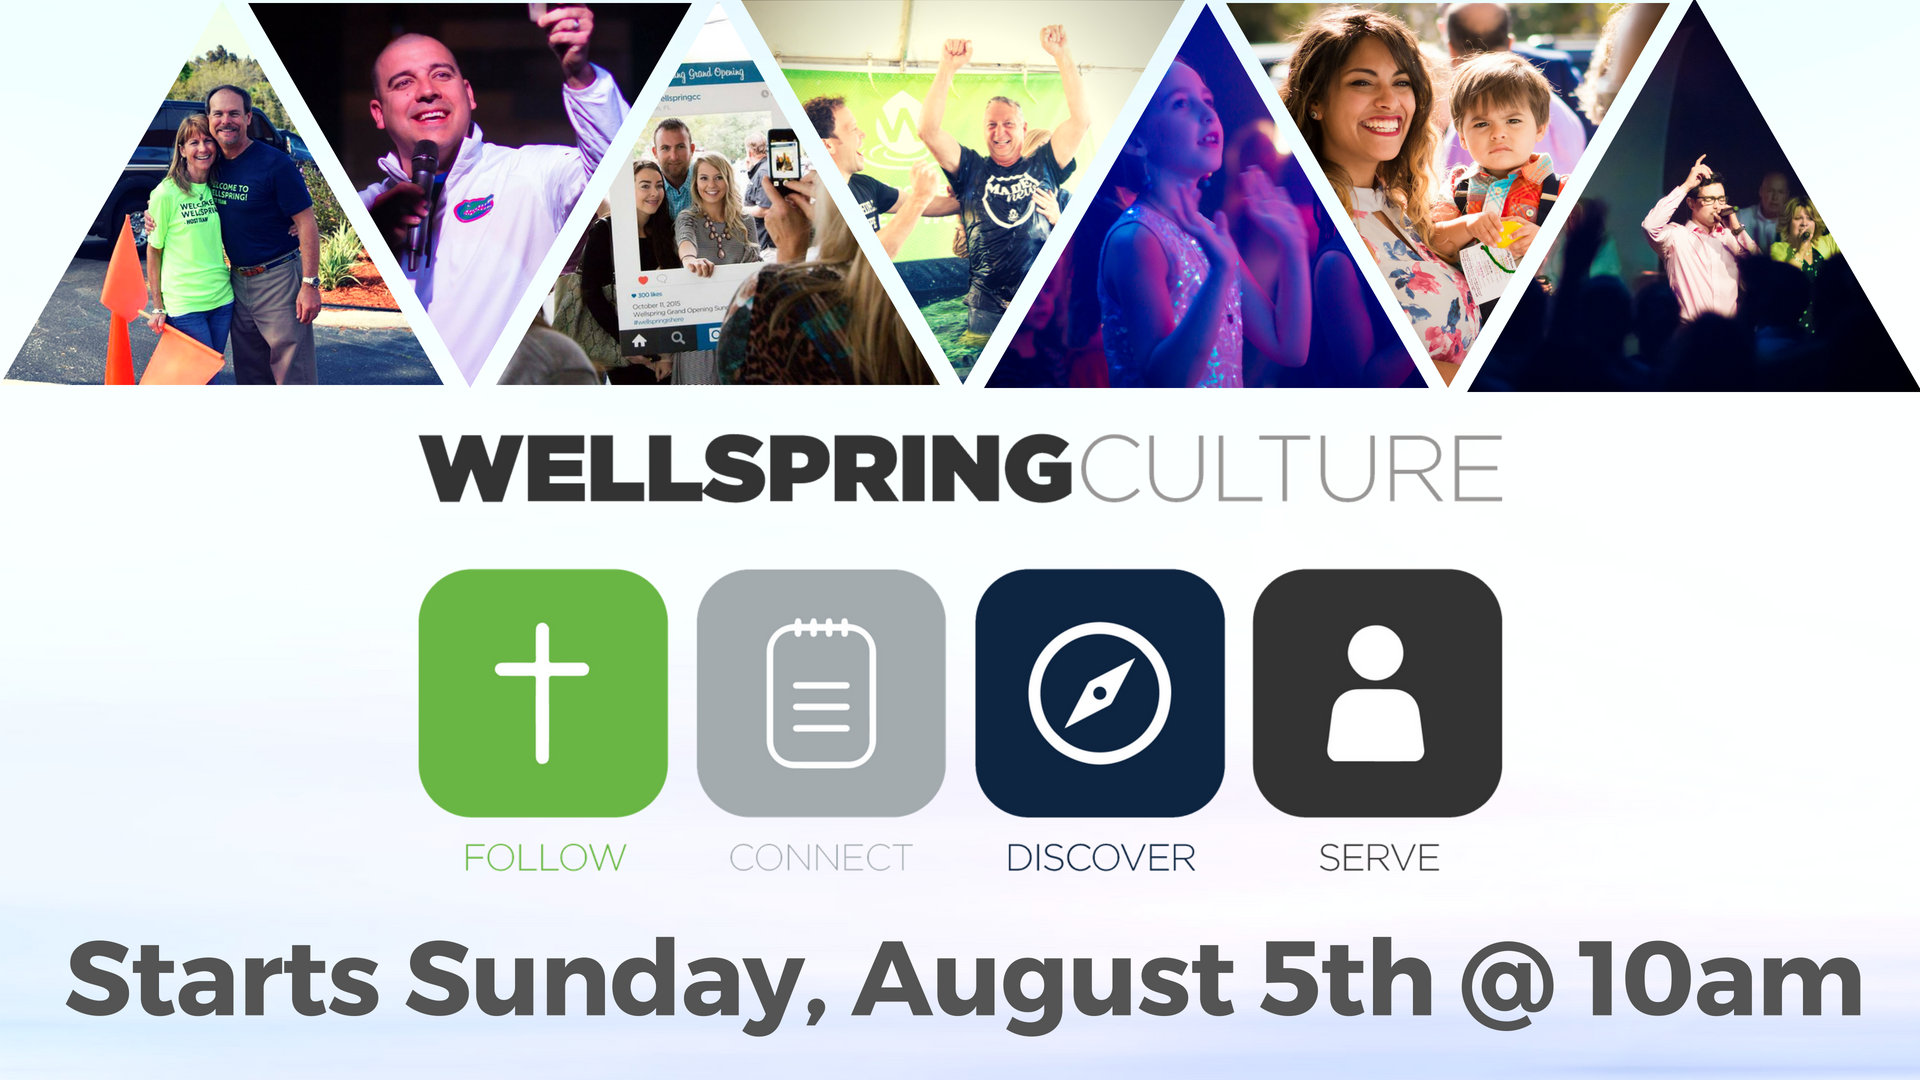 Wellspring culture slides